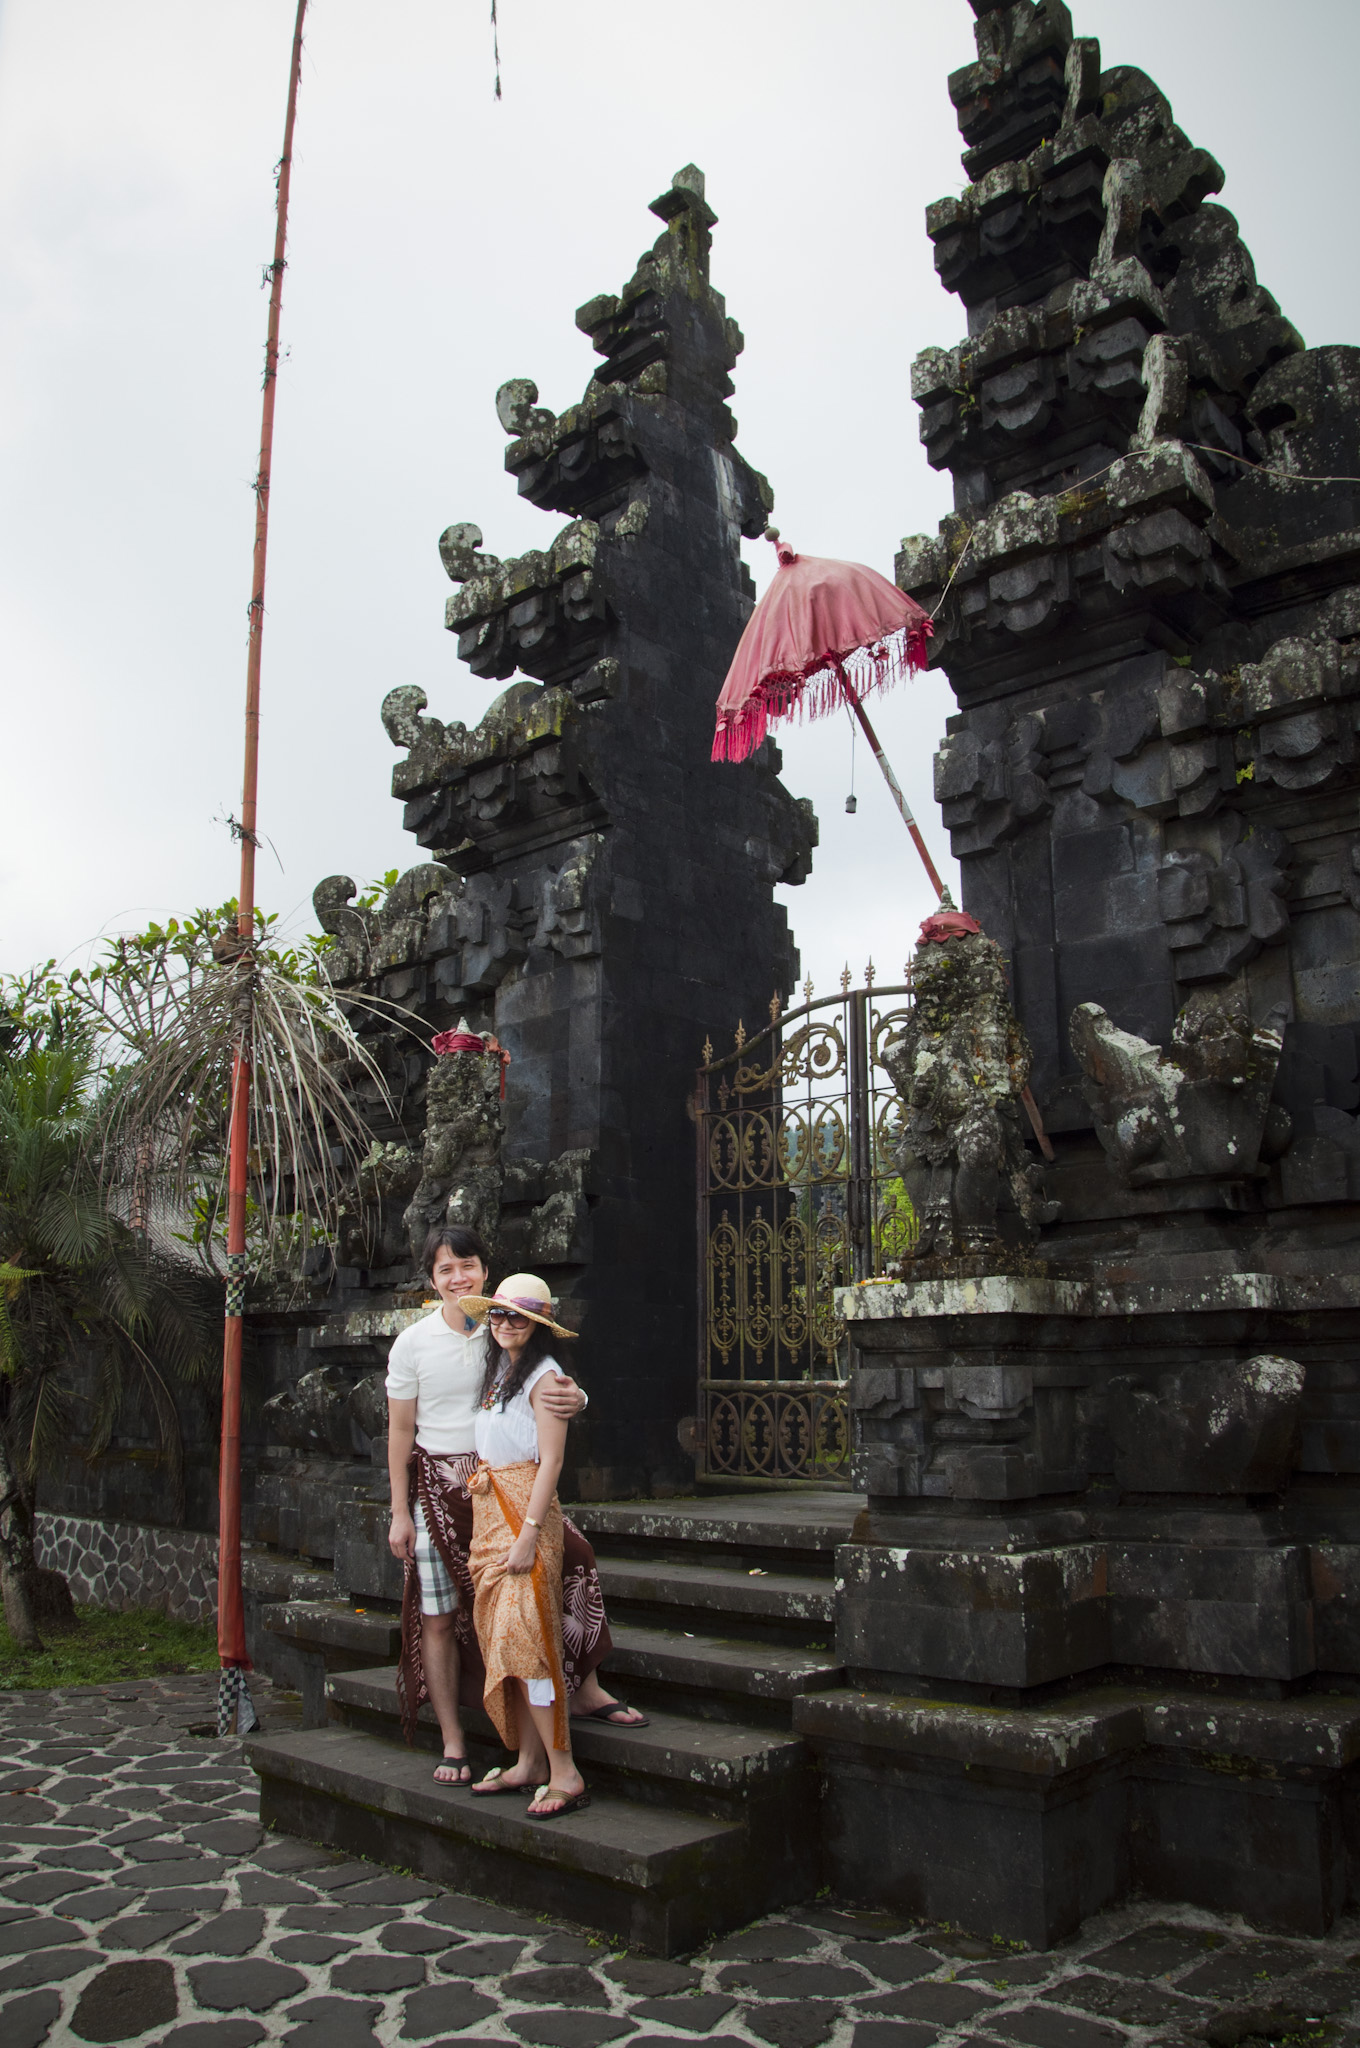 Bali Nov '11 no.068